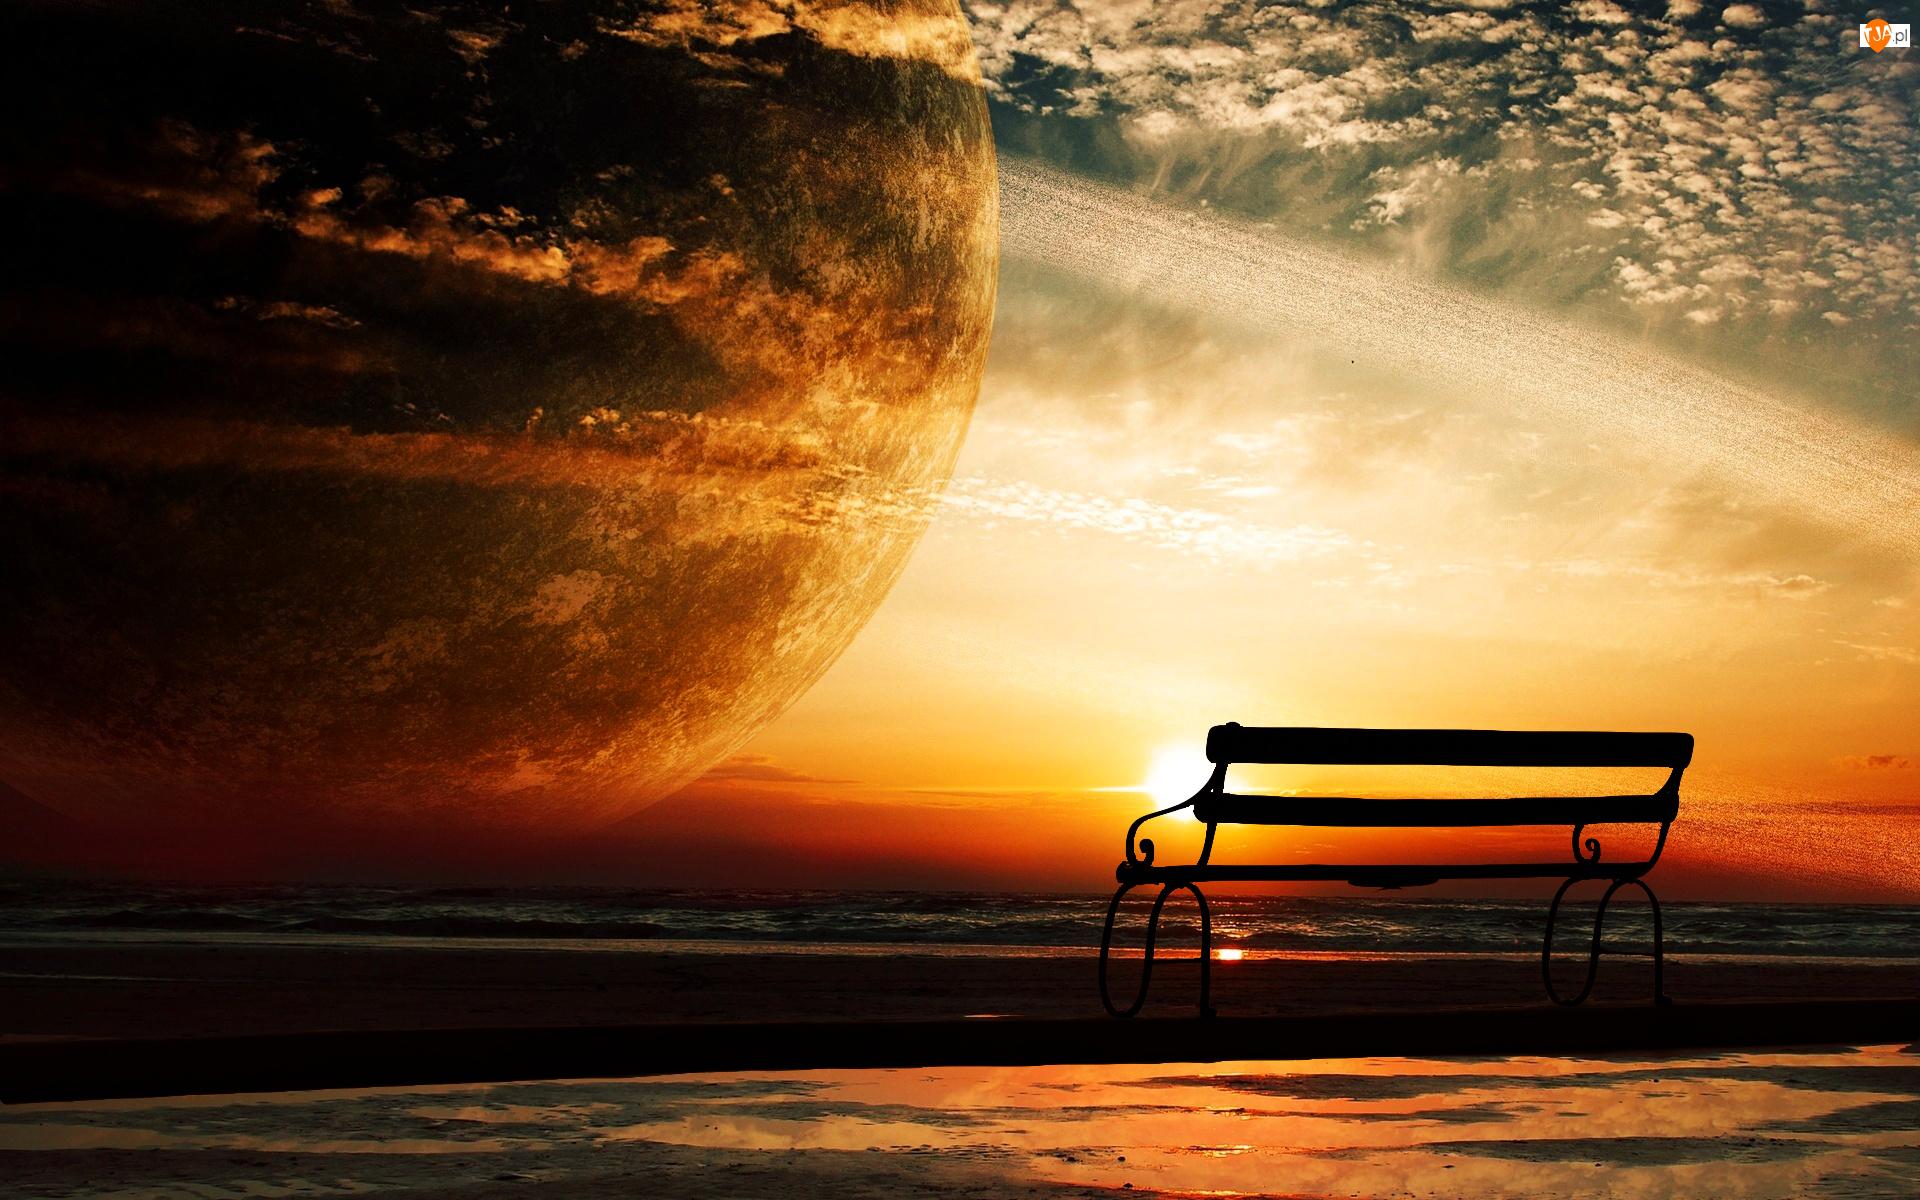 Morze, Planeta, Zachód słońca, Ławka, Fantasy